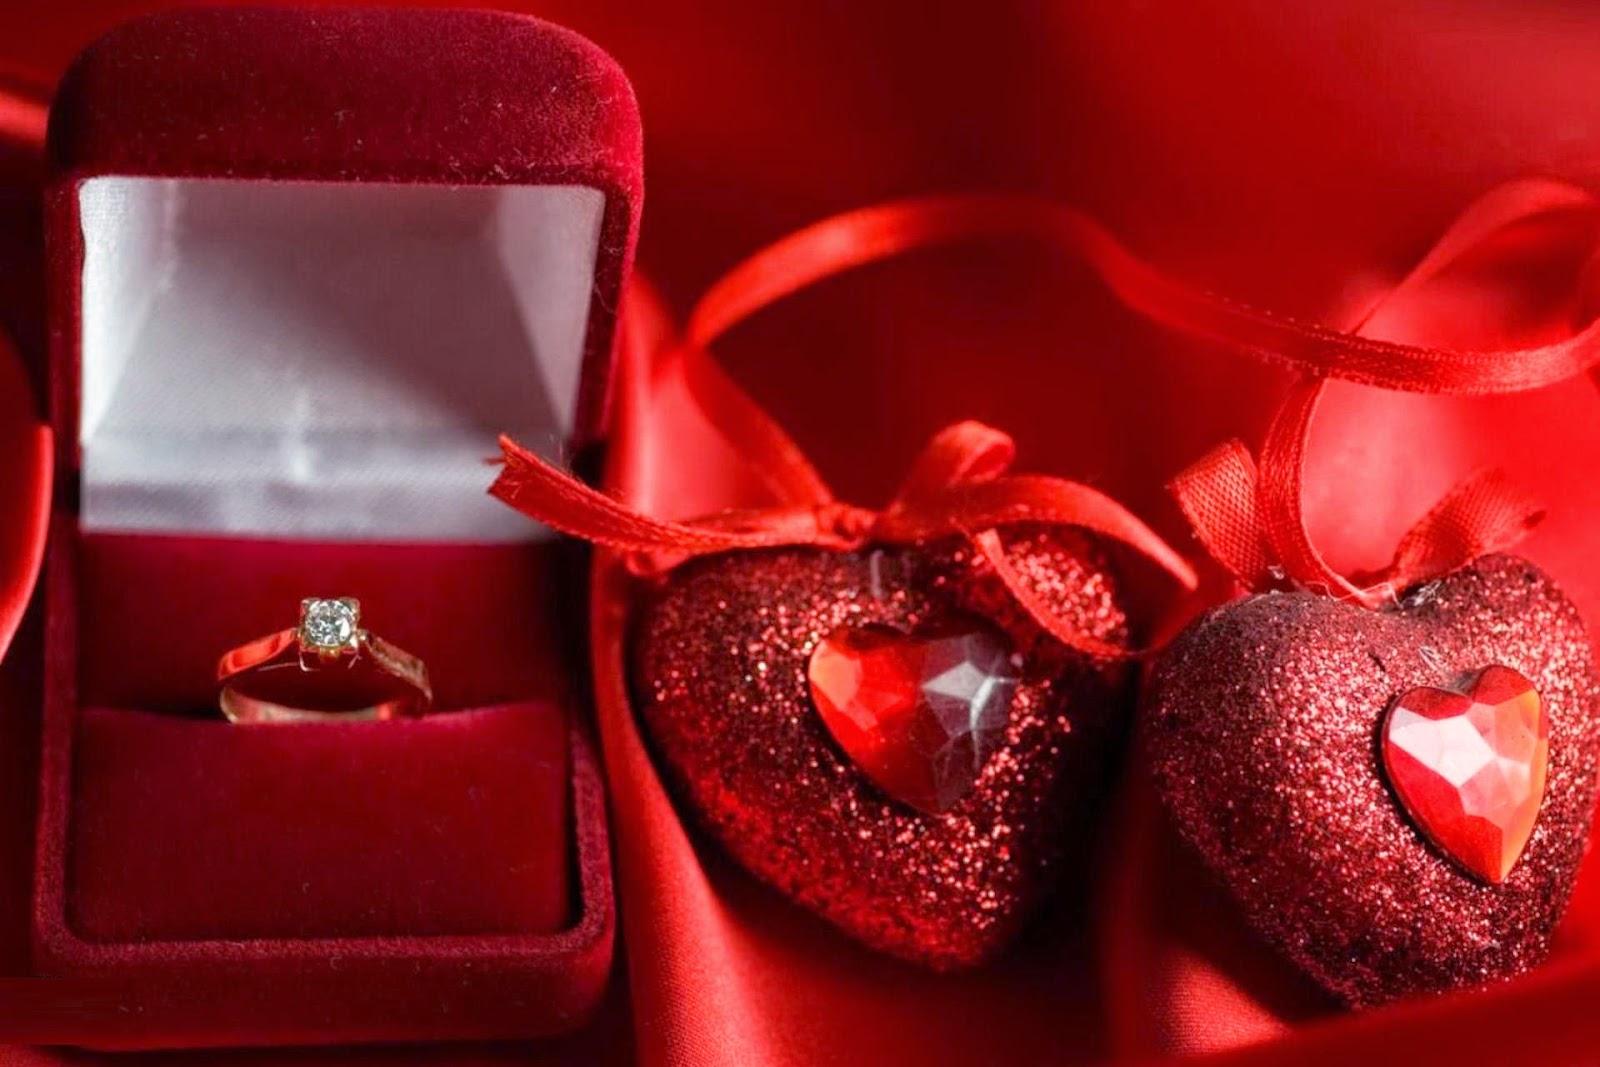 بالصور صور جميله رومنسيه , اجمل الصور الرومانسيه 3592 7